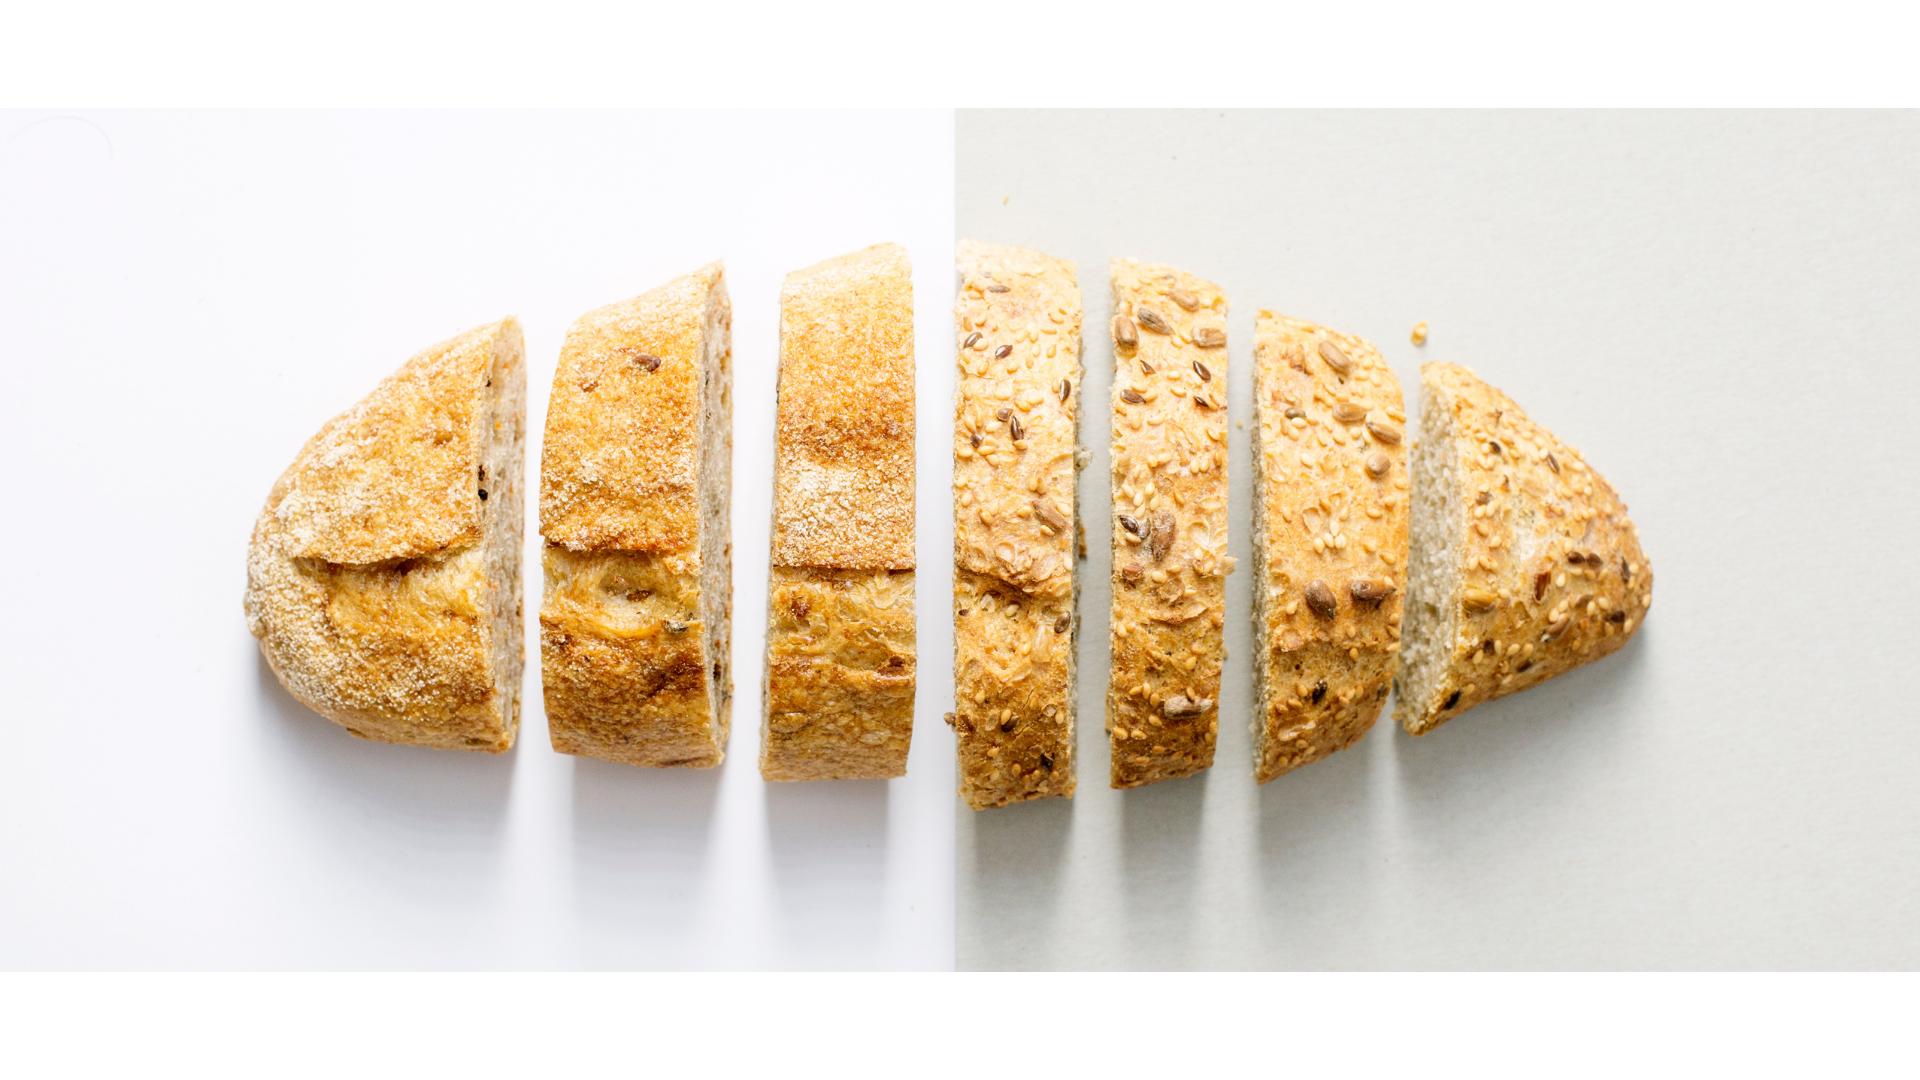 Doğru ekmek için örnek dilinlenmiş görsel.